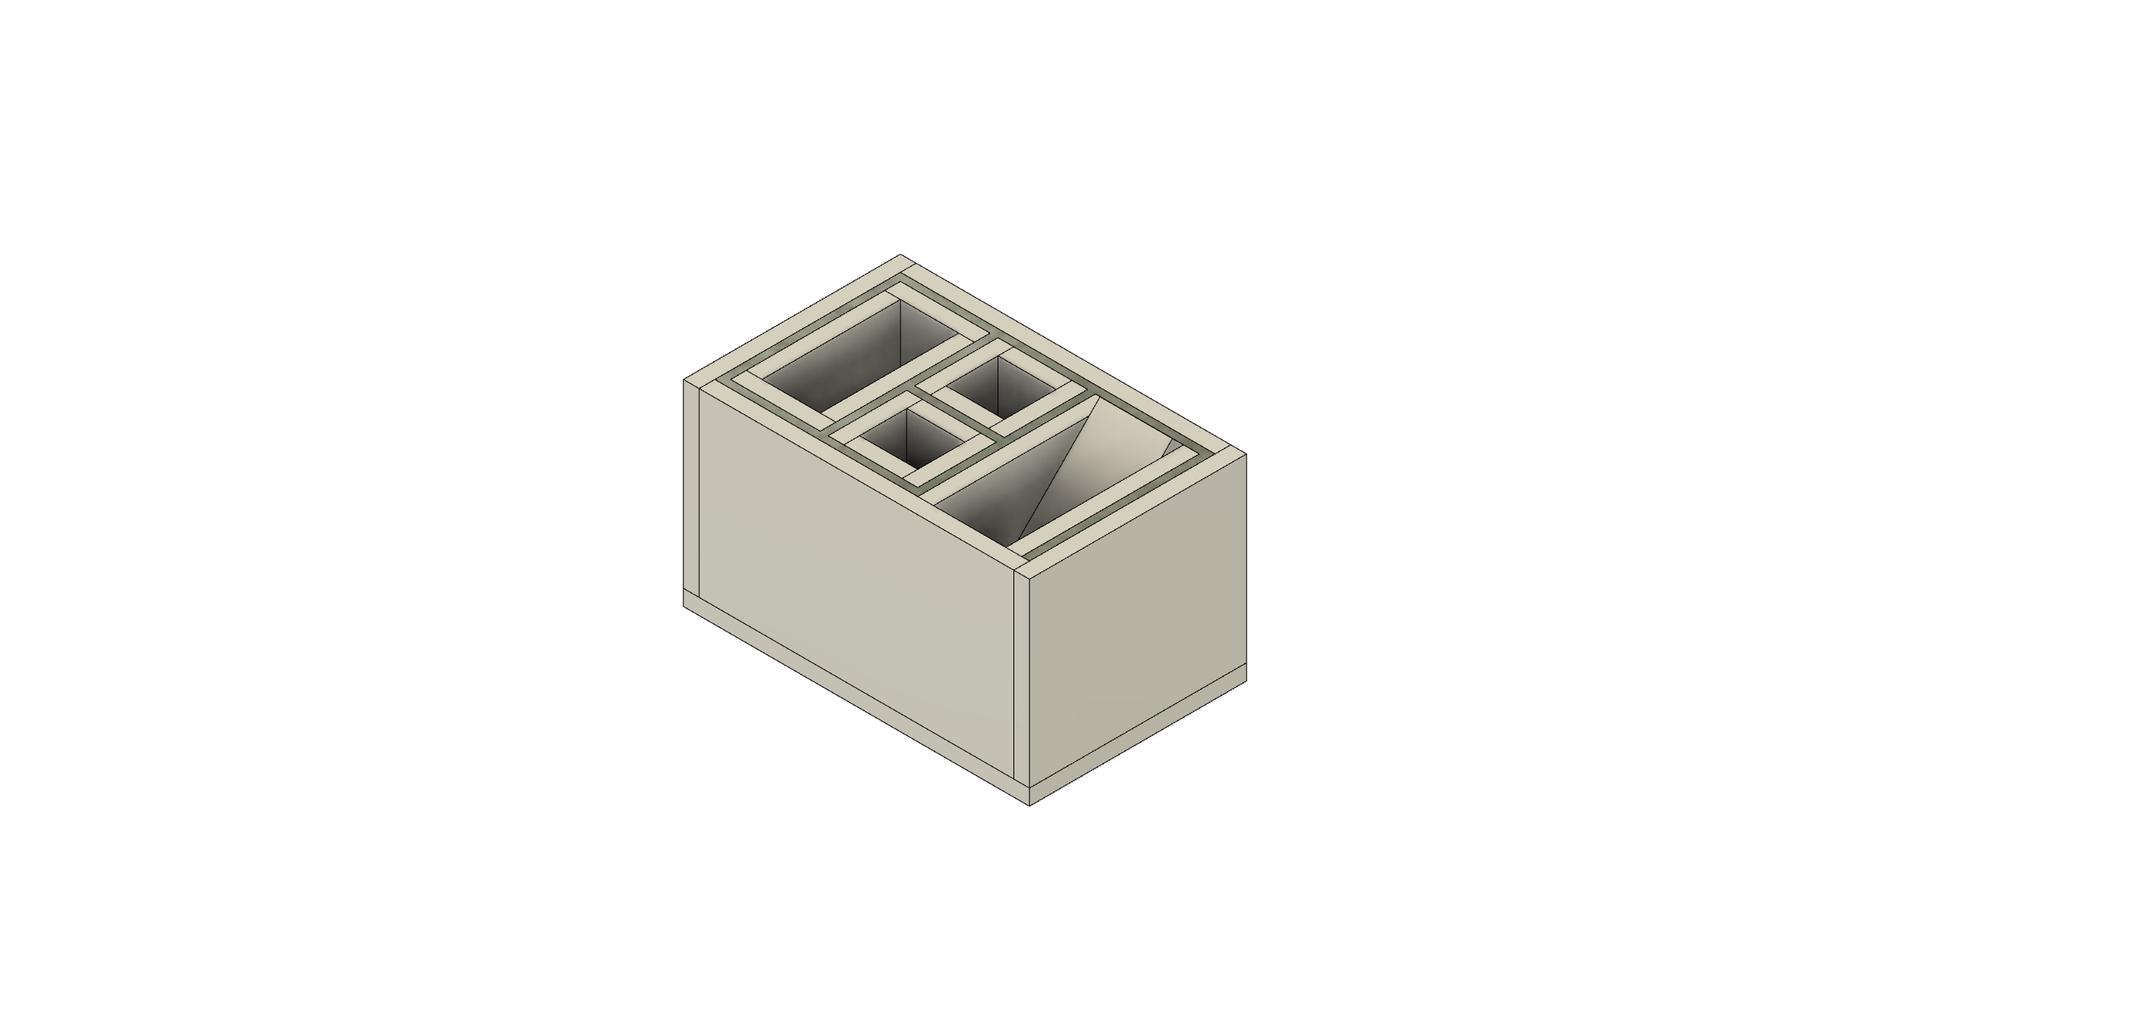 Making a 3d Model (optional)